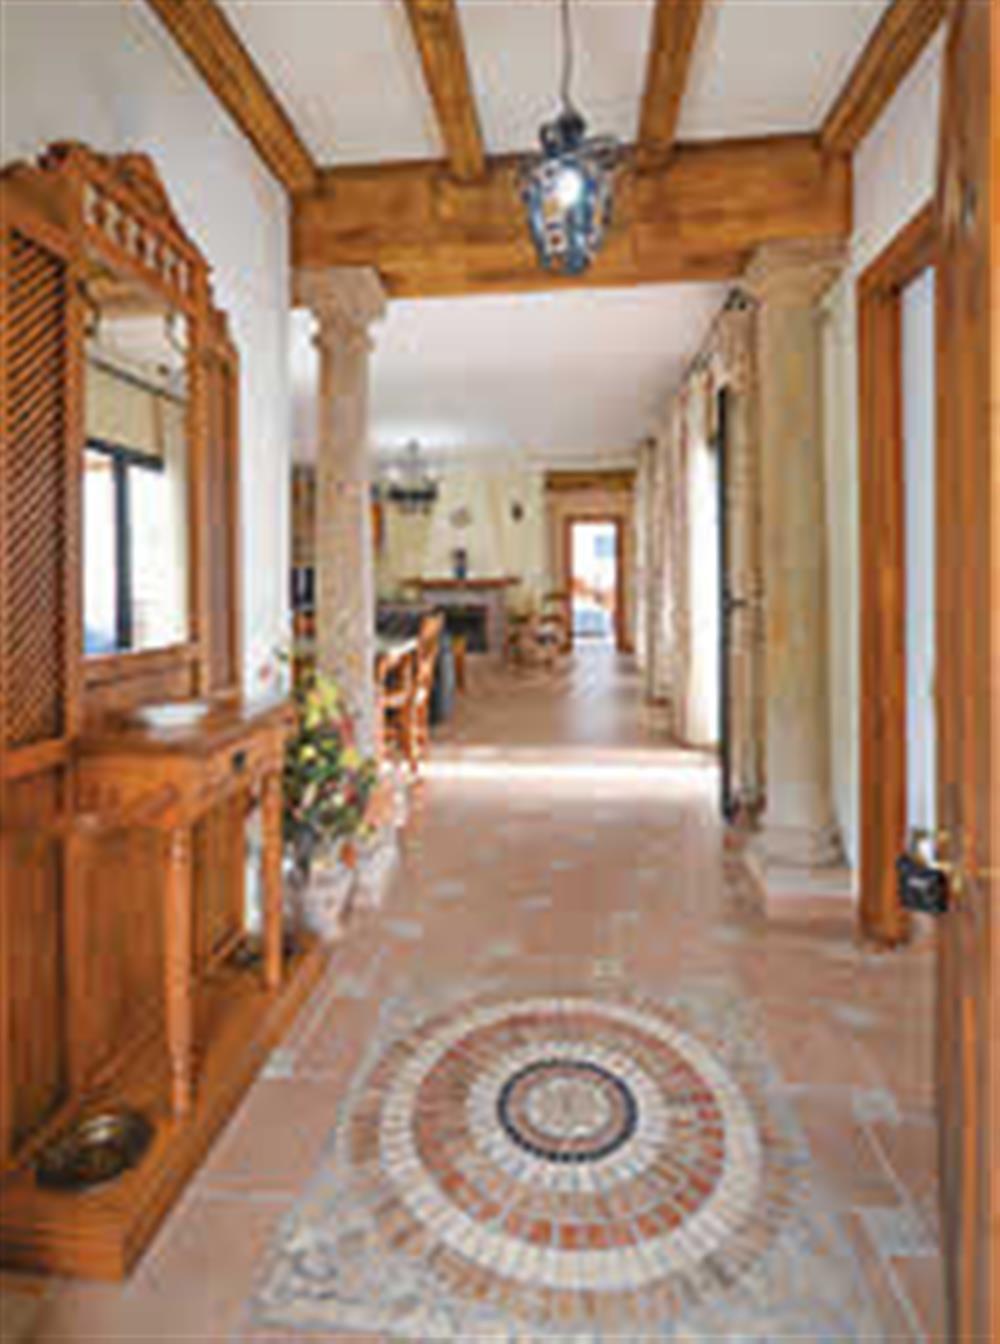 Hallway at Villa El Pedregal, Mainland Spain, Spain